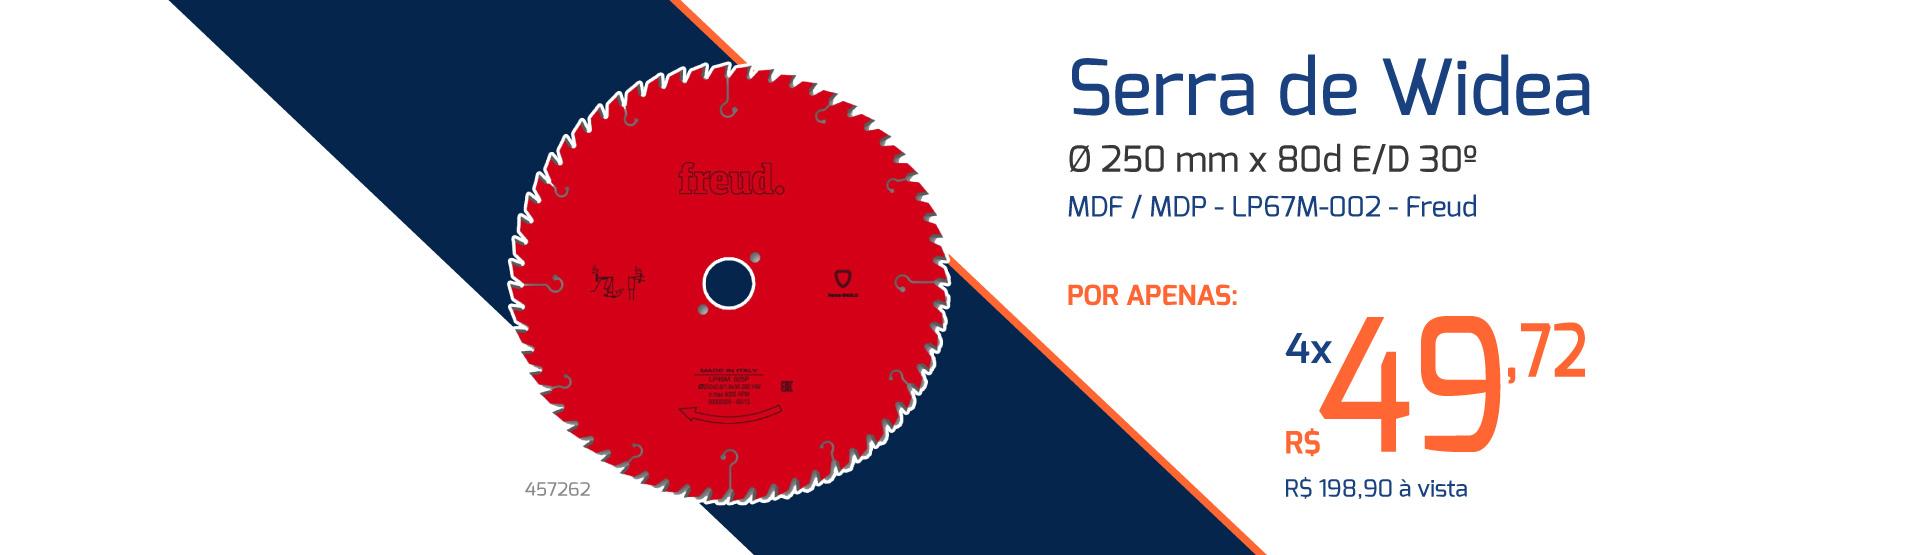 Serra 3